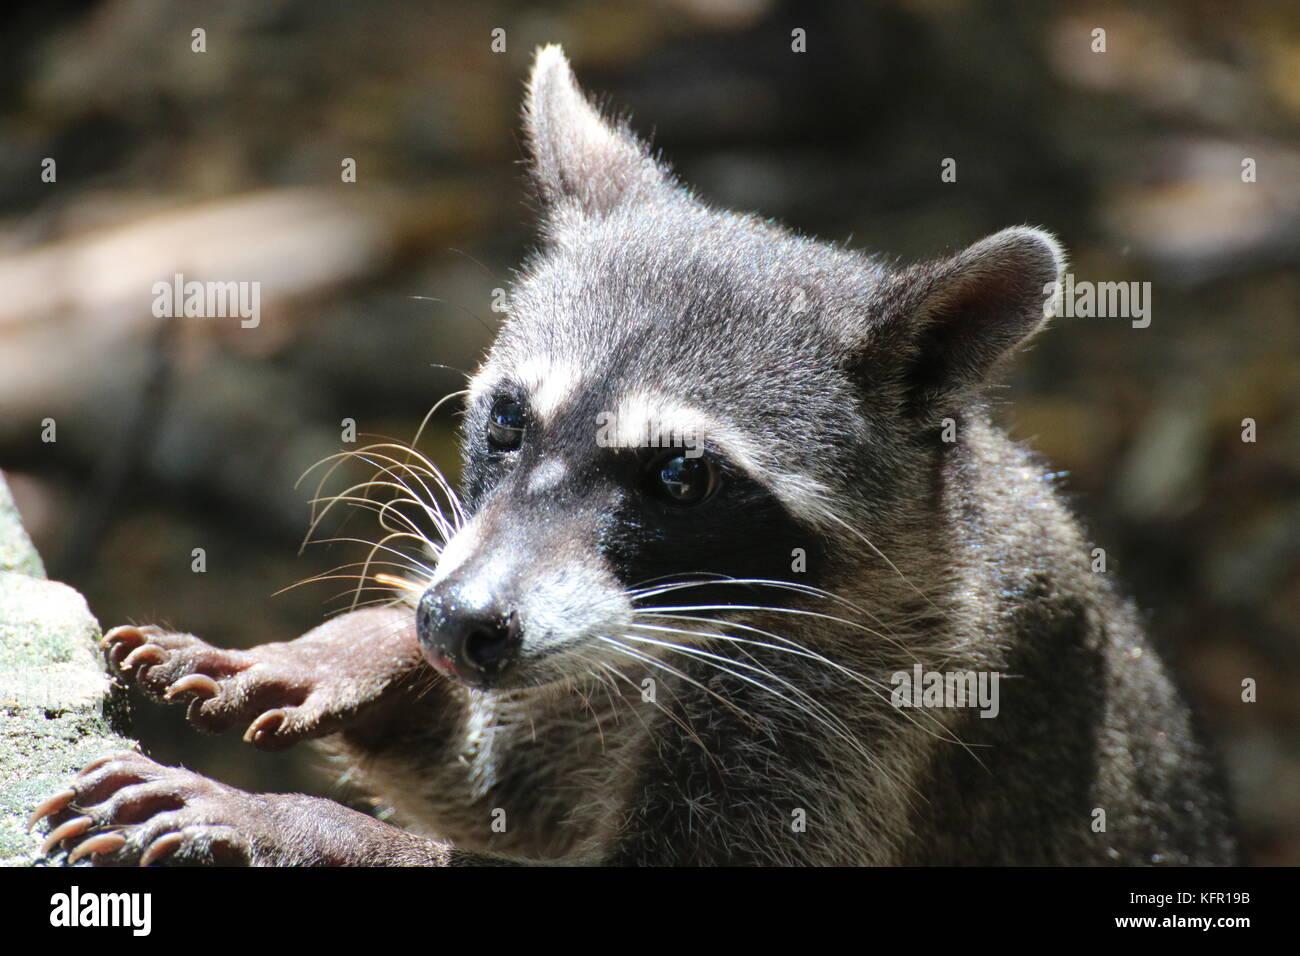 Curieux raton laveur (Procyon lotor) dans la région de Parc National Manuel Antonio, Costa Rica. Photo Stock